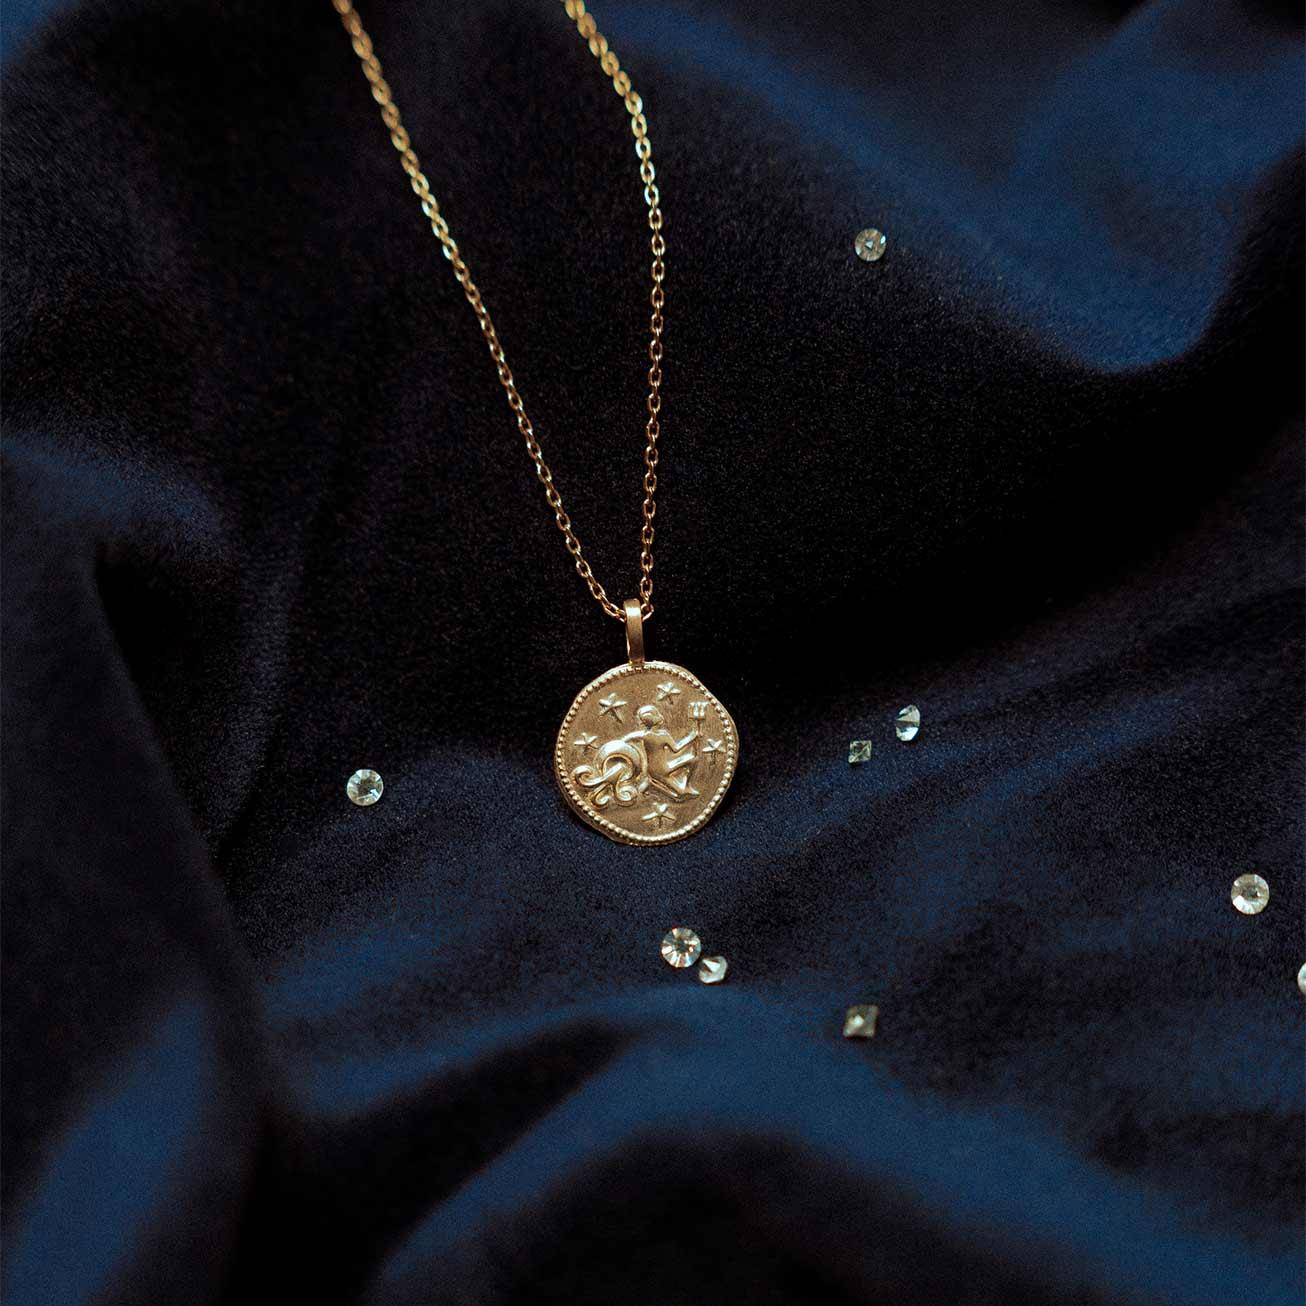 Pendentif signe zodiaque Verseau